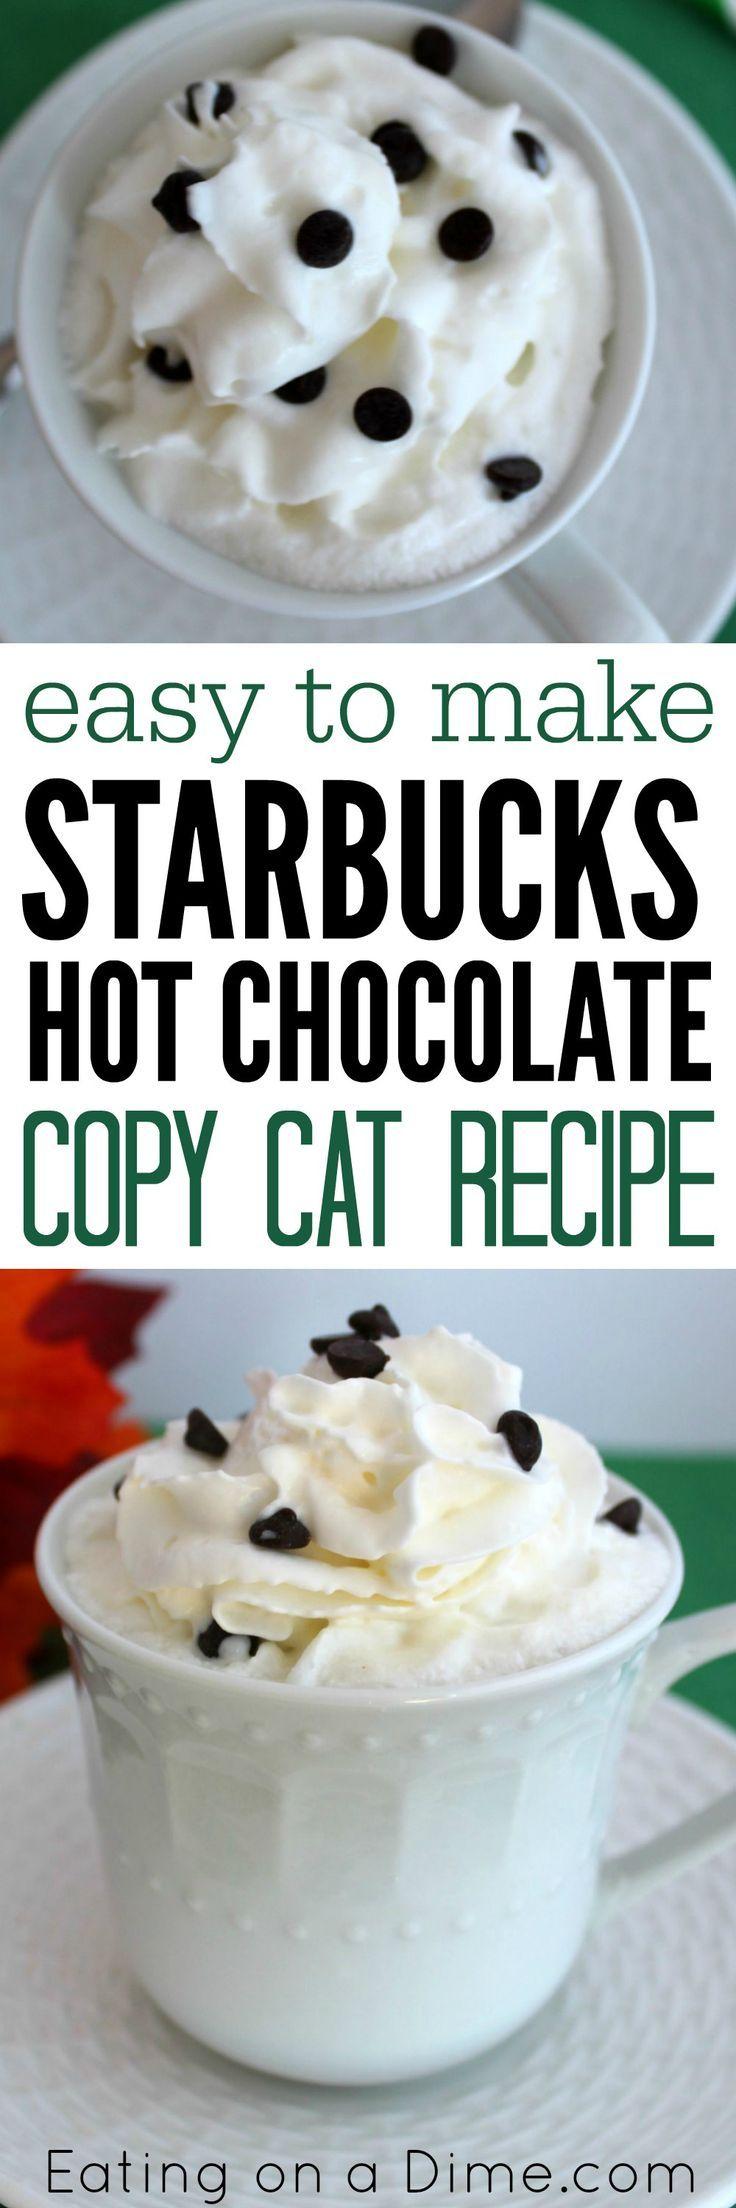 Hot chocolate starbucks copycat recipe starbucks